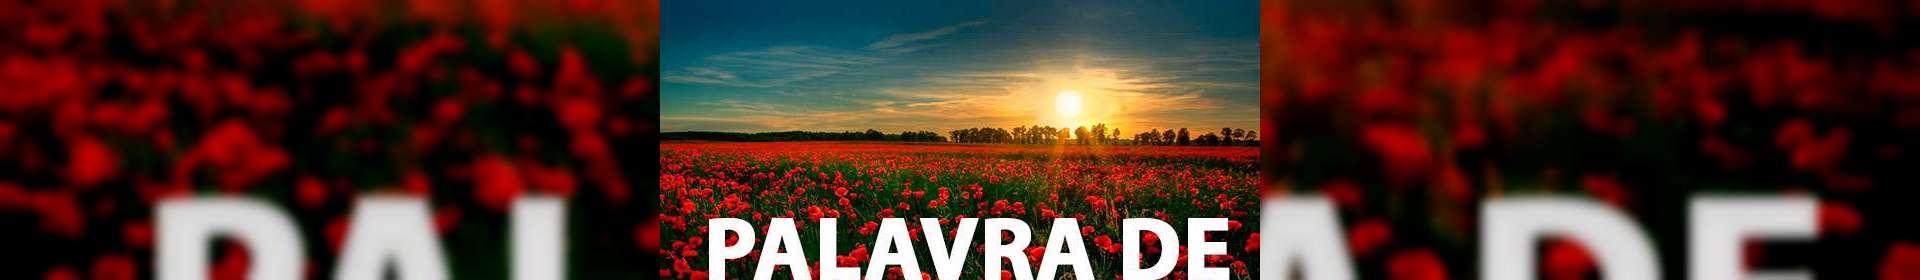 Salmos 92:12 - Uma Palavra de Esperança para sua vida